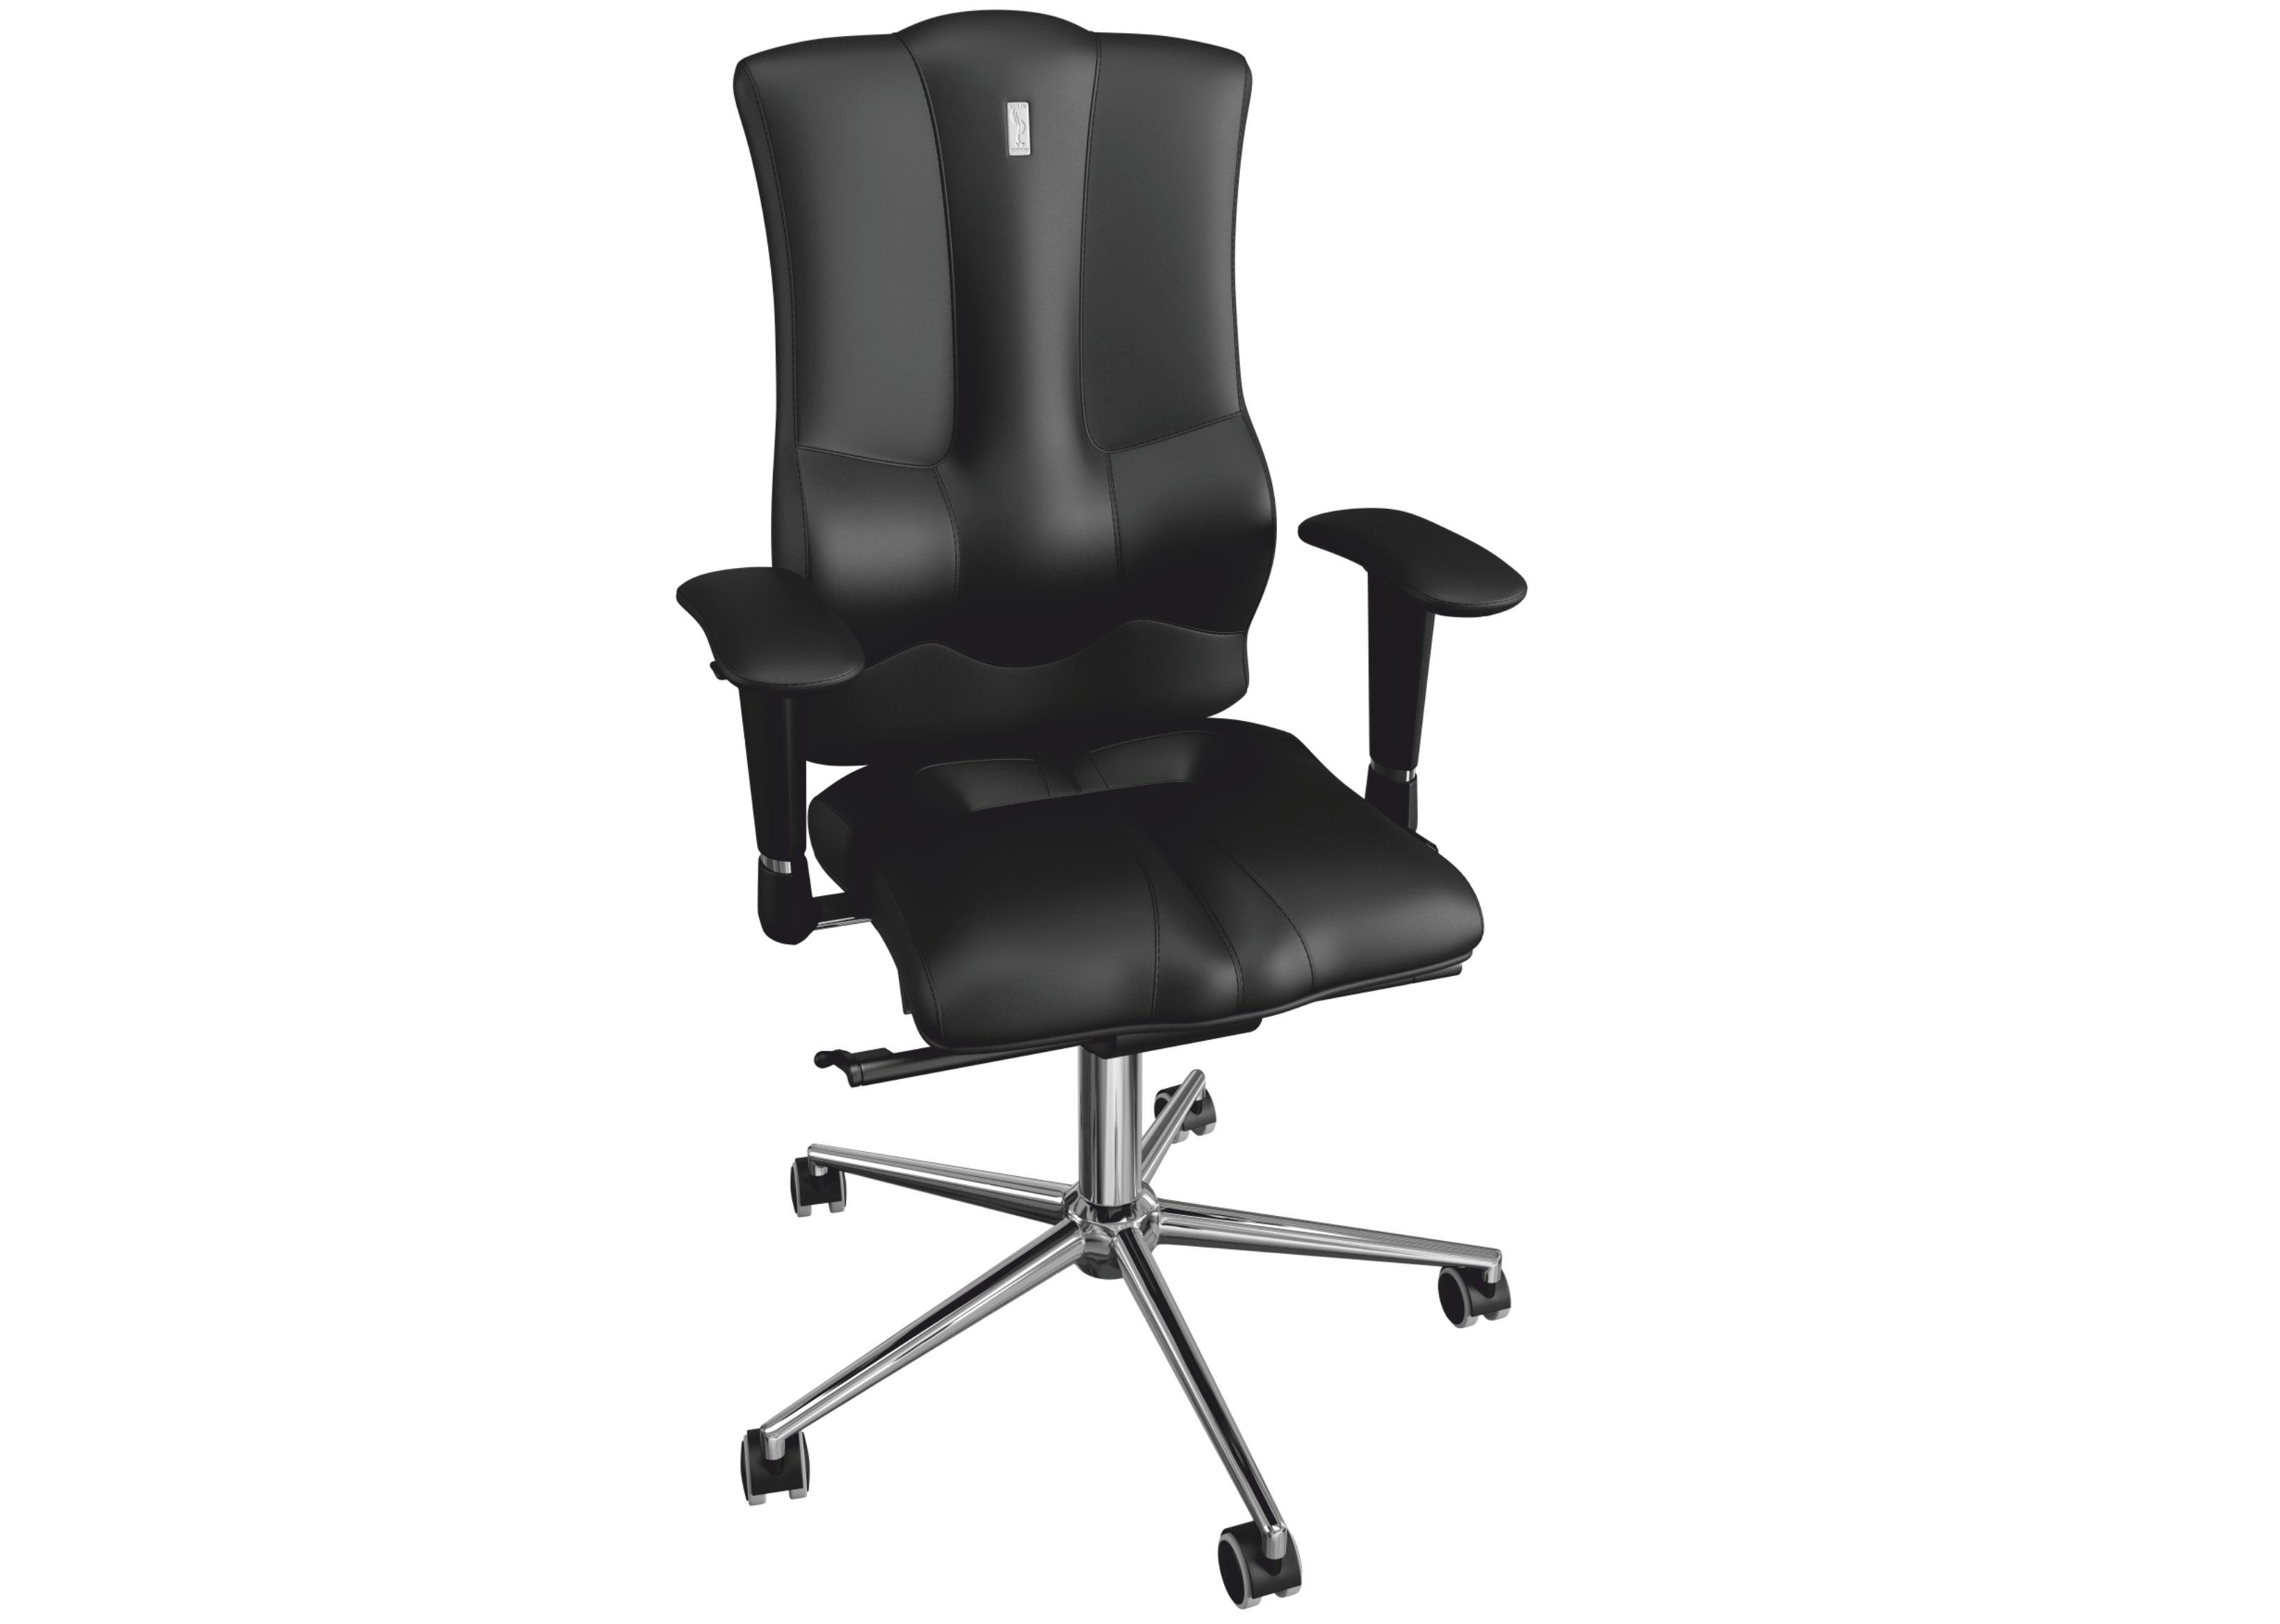 Кресло ELEGANCEРабочие кресла<br>На это кресло невозможно не обратить внимание. Изысканный вид и благородная элегантность модели дарят его владельцу ощущение гармонии и совершенства. Такое кресло идеально впишется в любой интерьер, будь то самый современный офис или же уютный дом.<br><br>Material: Кожа<br>Length см: -<br>Width см: 62<br>Depth см: 57<br>Height см: 133<br>Diameter см: None